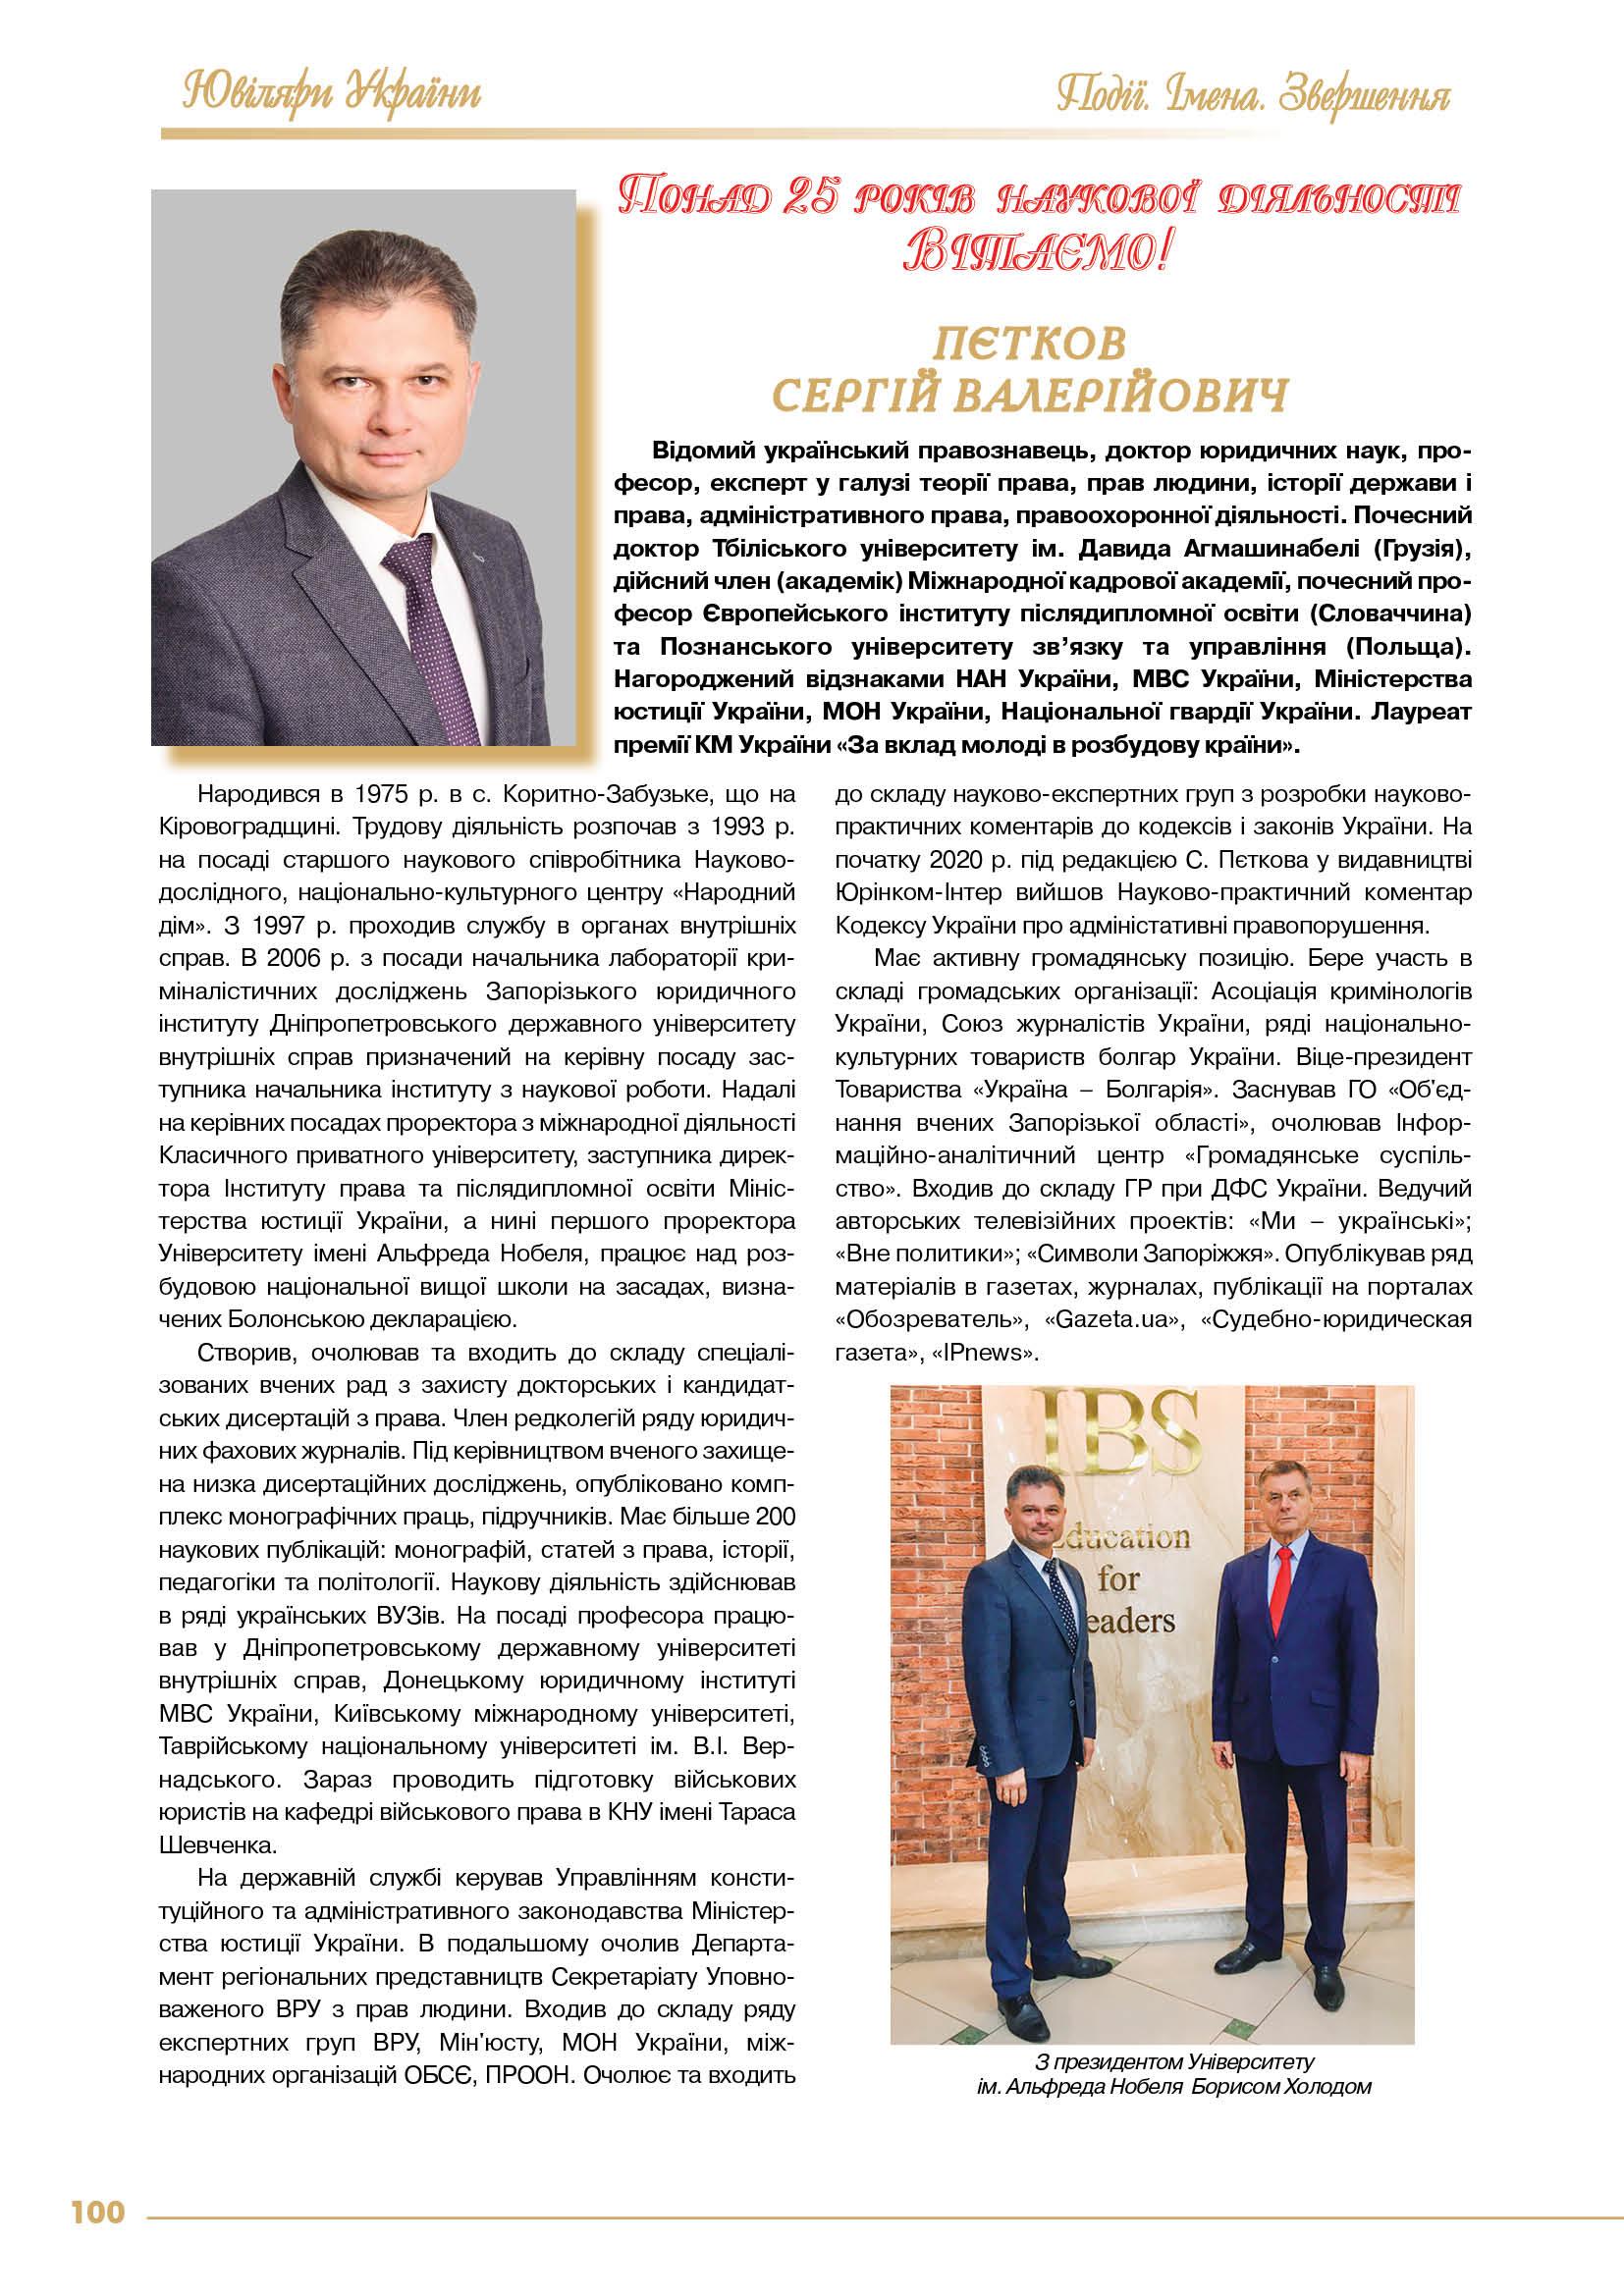 Пєтков Сергій Валерійович